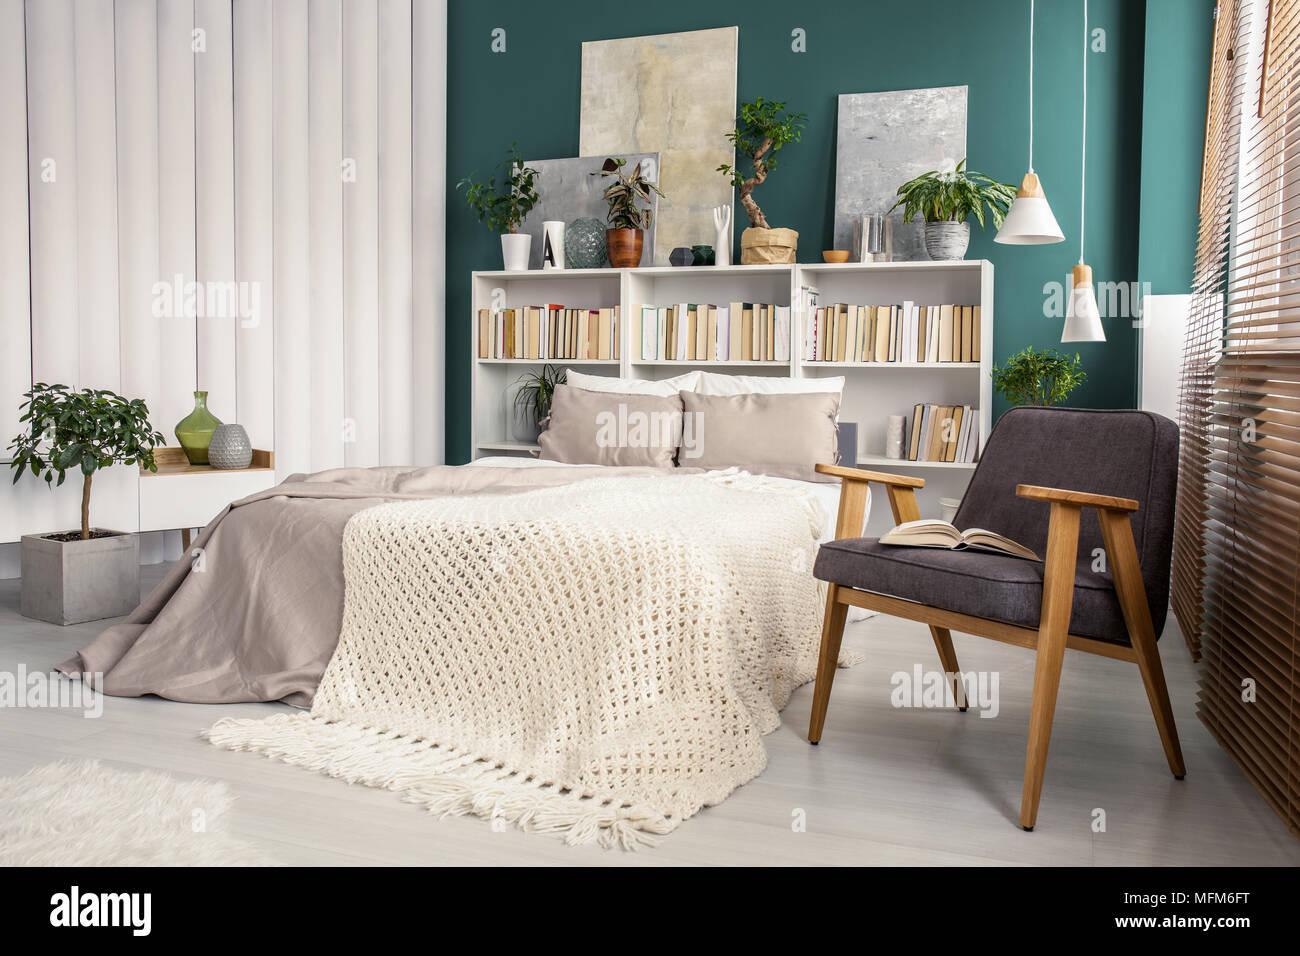 Chambre Verte Et Blanche Avec Un Intérieur Couverture Tricot Sur Lit De Couleur  Beige Entre Vintage, Fauteuil Gris Et Tubes Wall